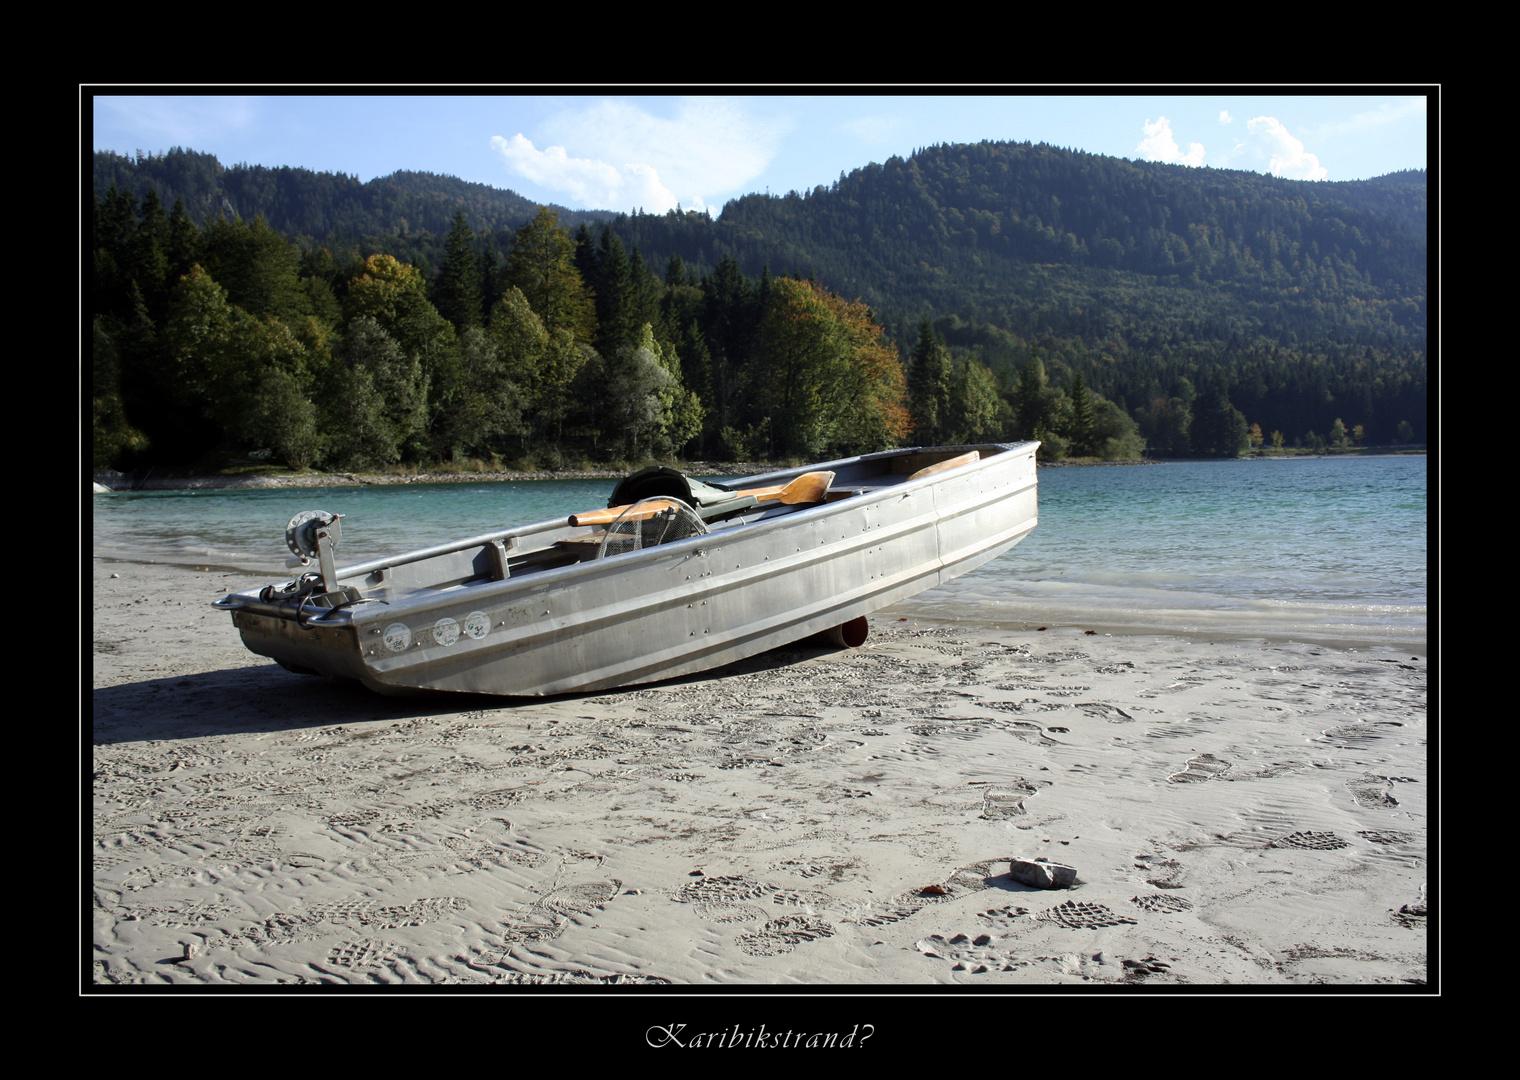 Karibikstrand am Walchensee?